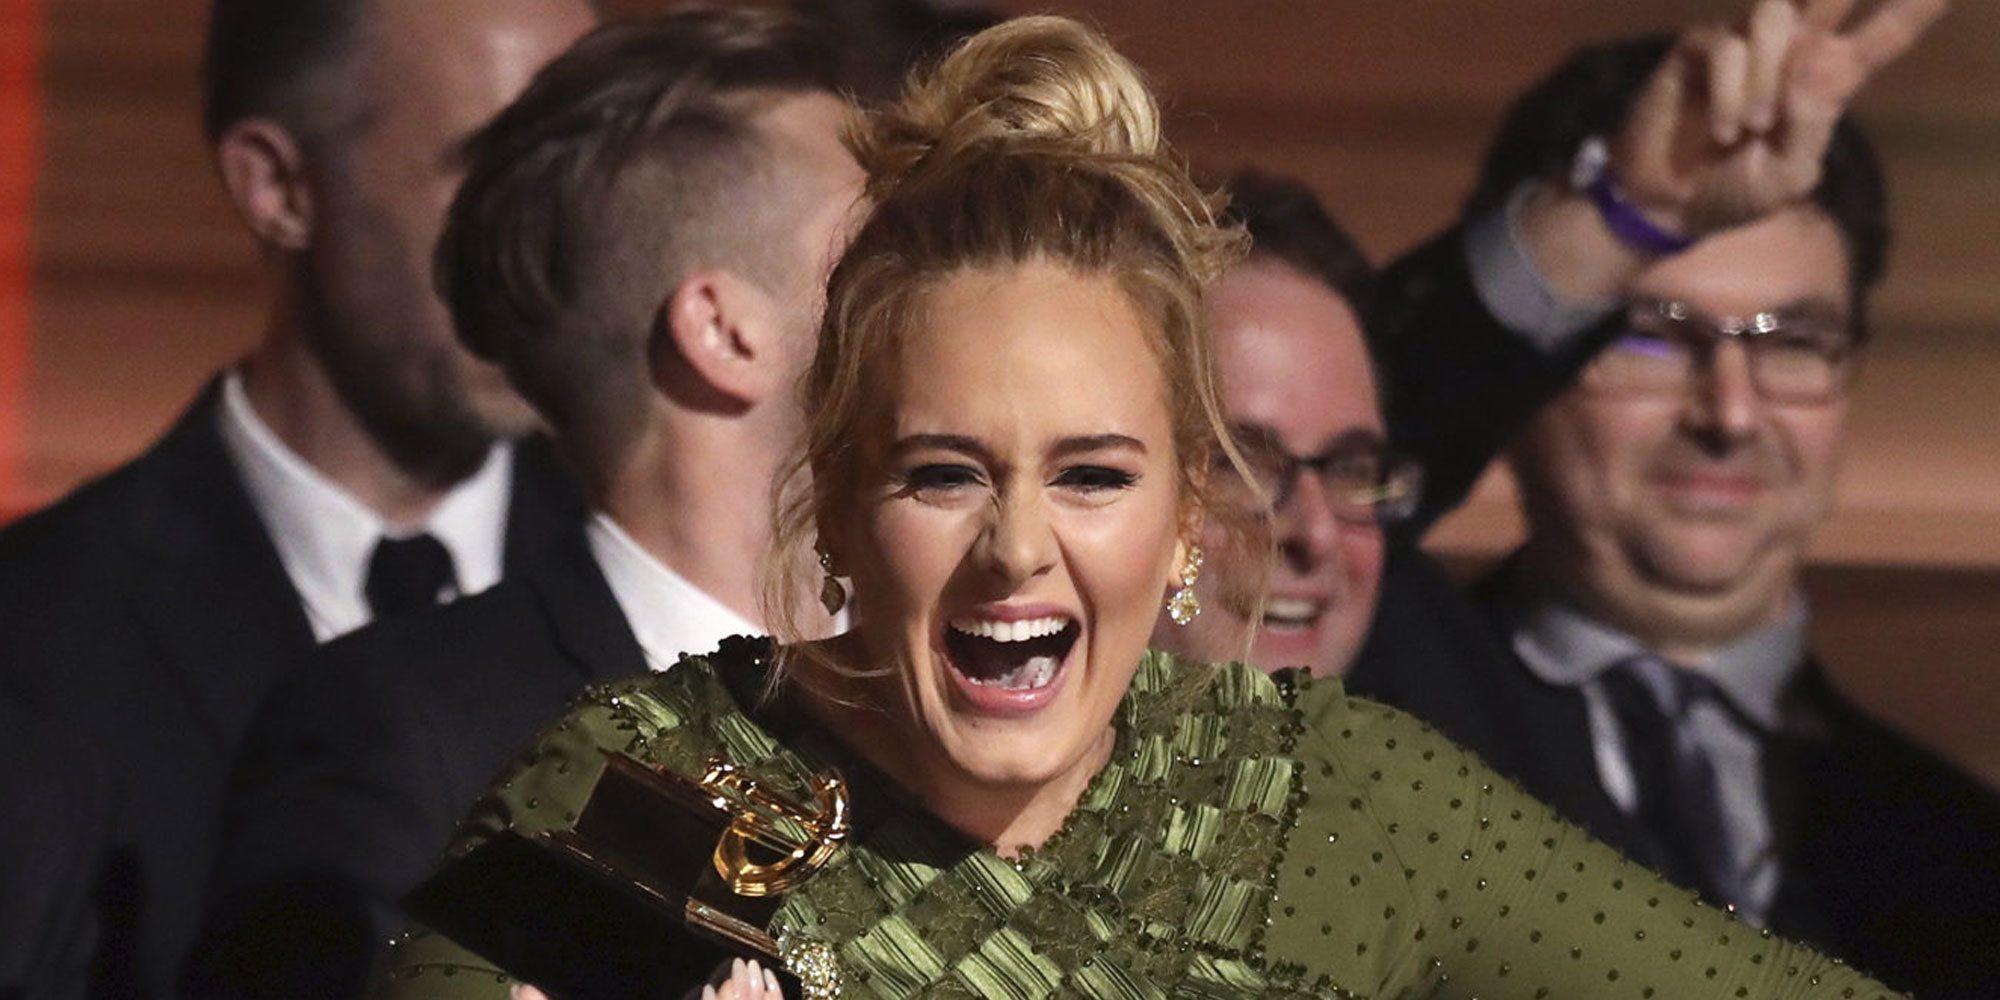 Adele muestra su impactante cambio físico en una foto con la que agradece las felicitaciones por su cumpleaños